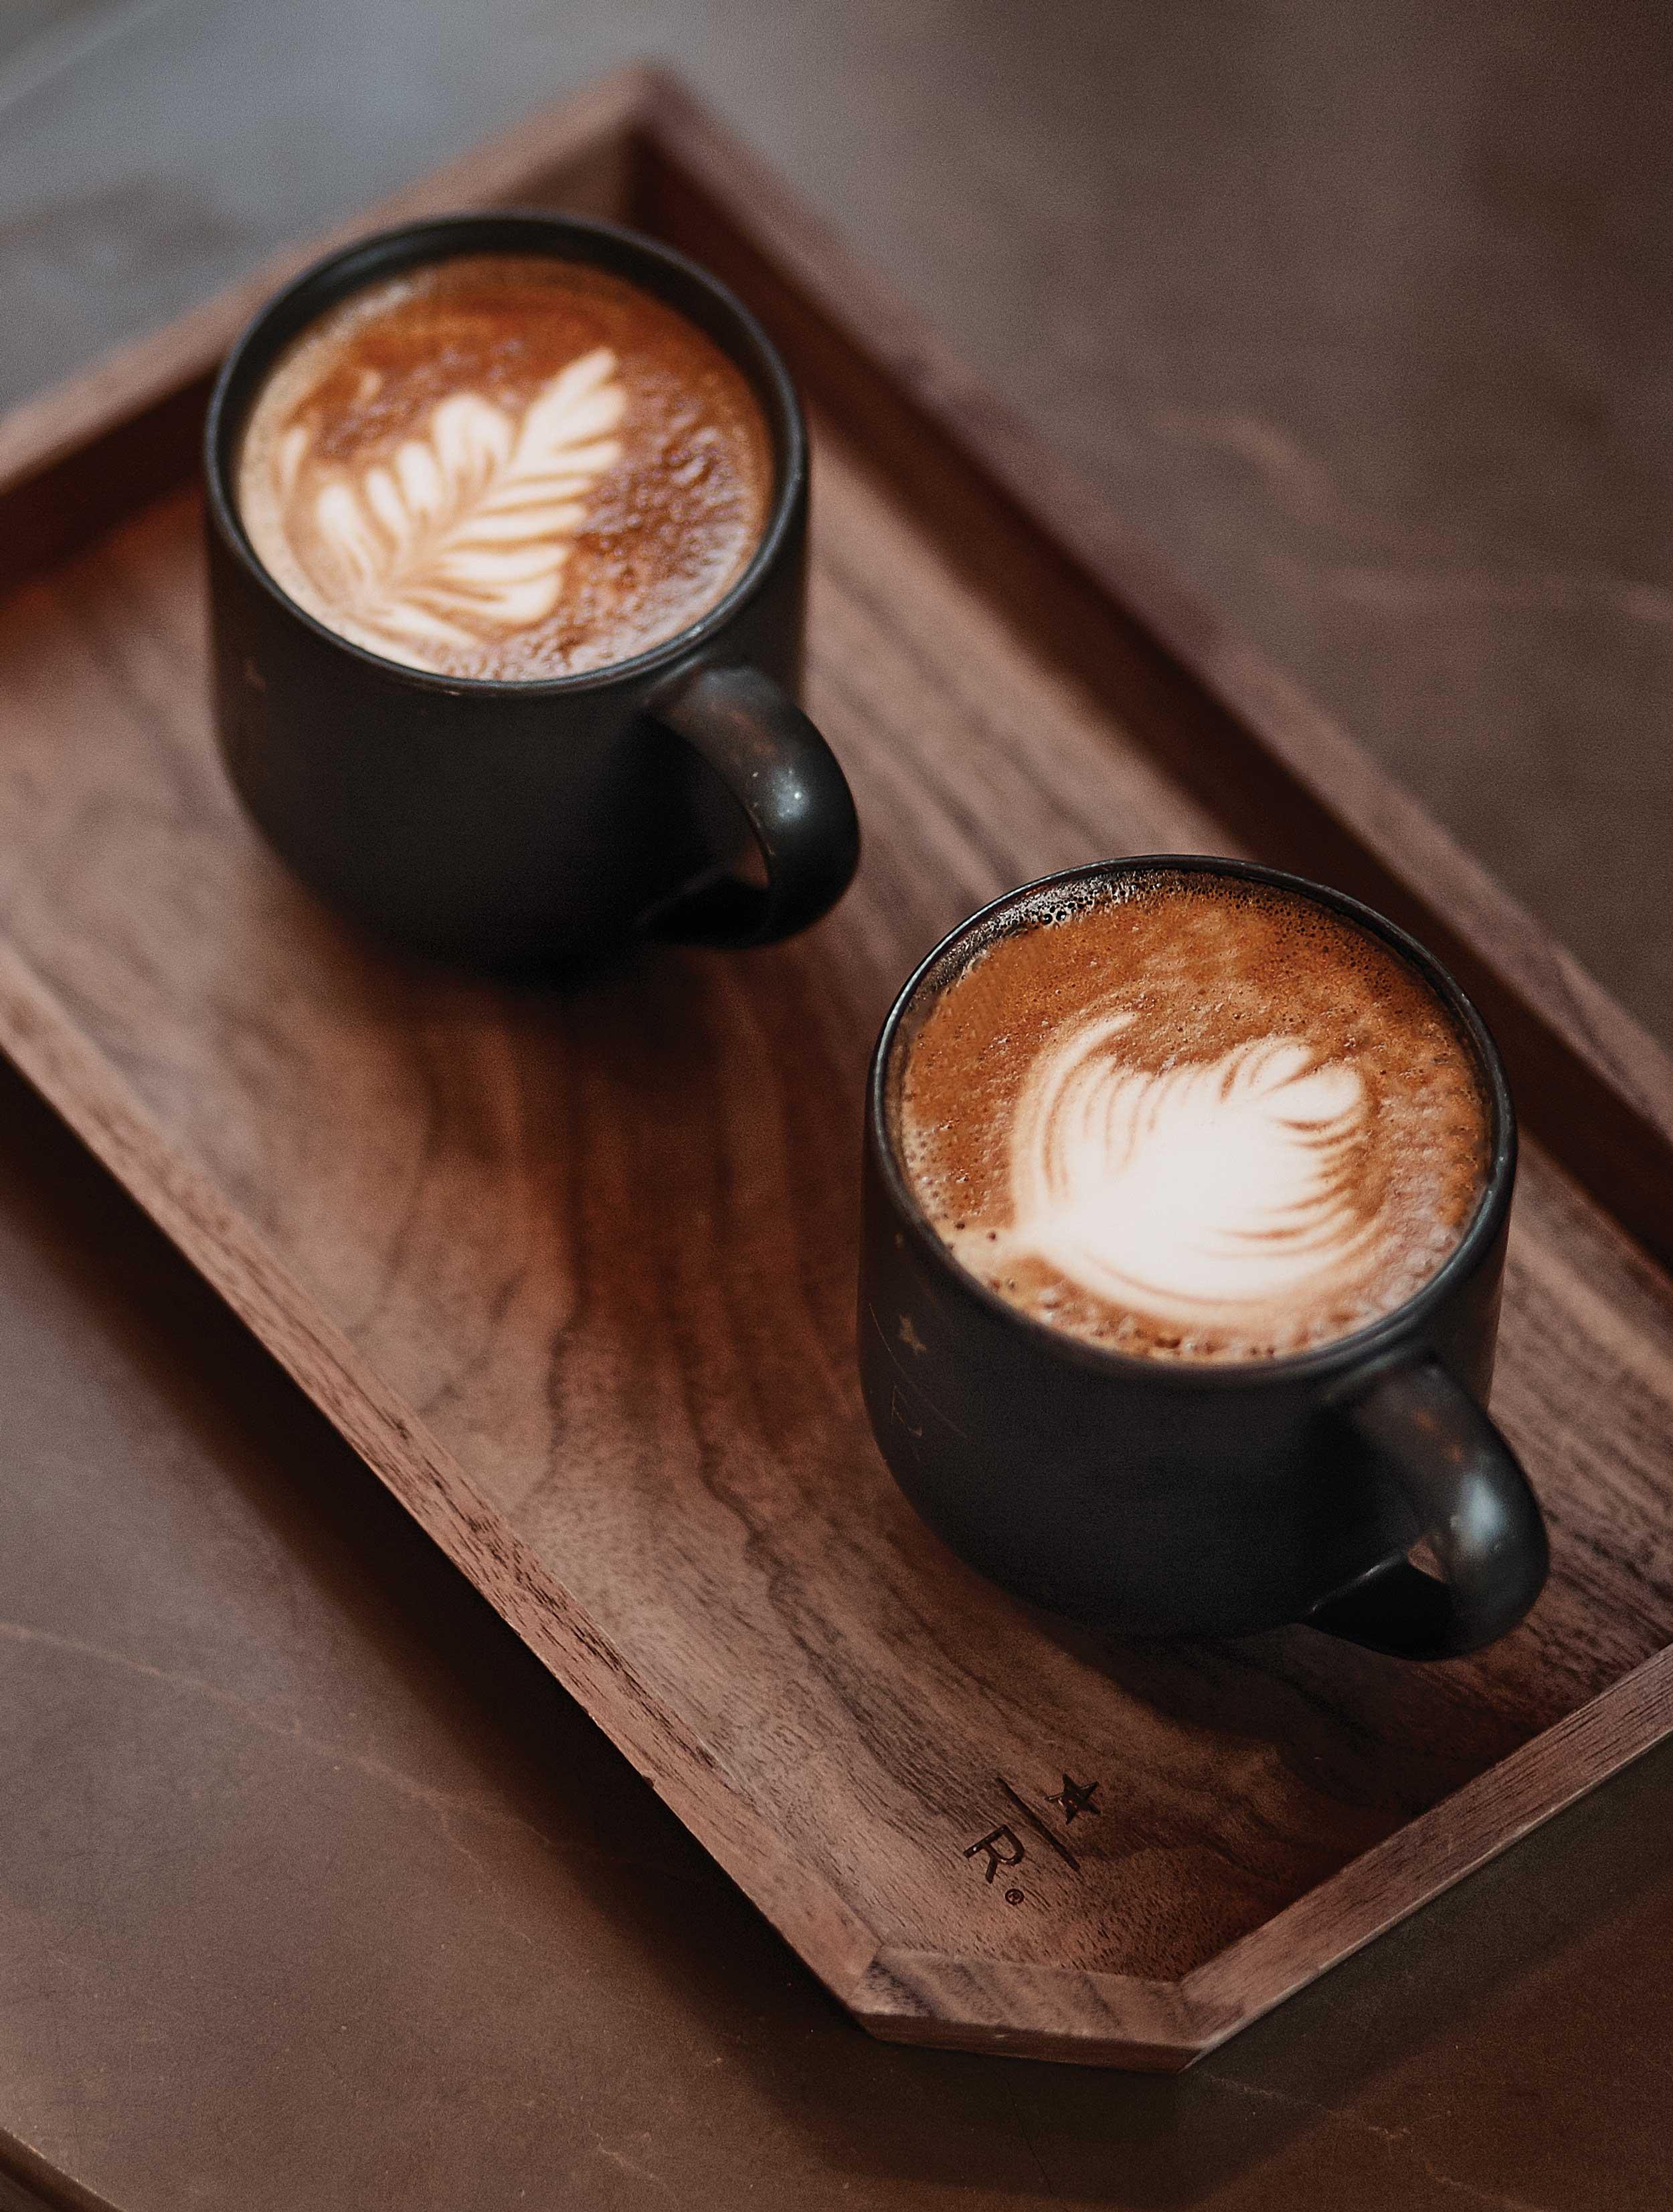 카페라테와카푸치노.이곳에서만 사용하는 전용 잔과 트레이에 담겨 나온다. © 심윤석